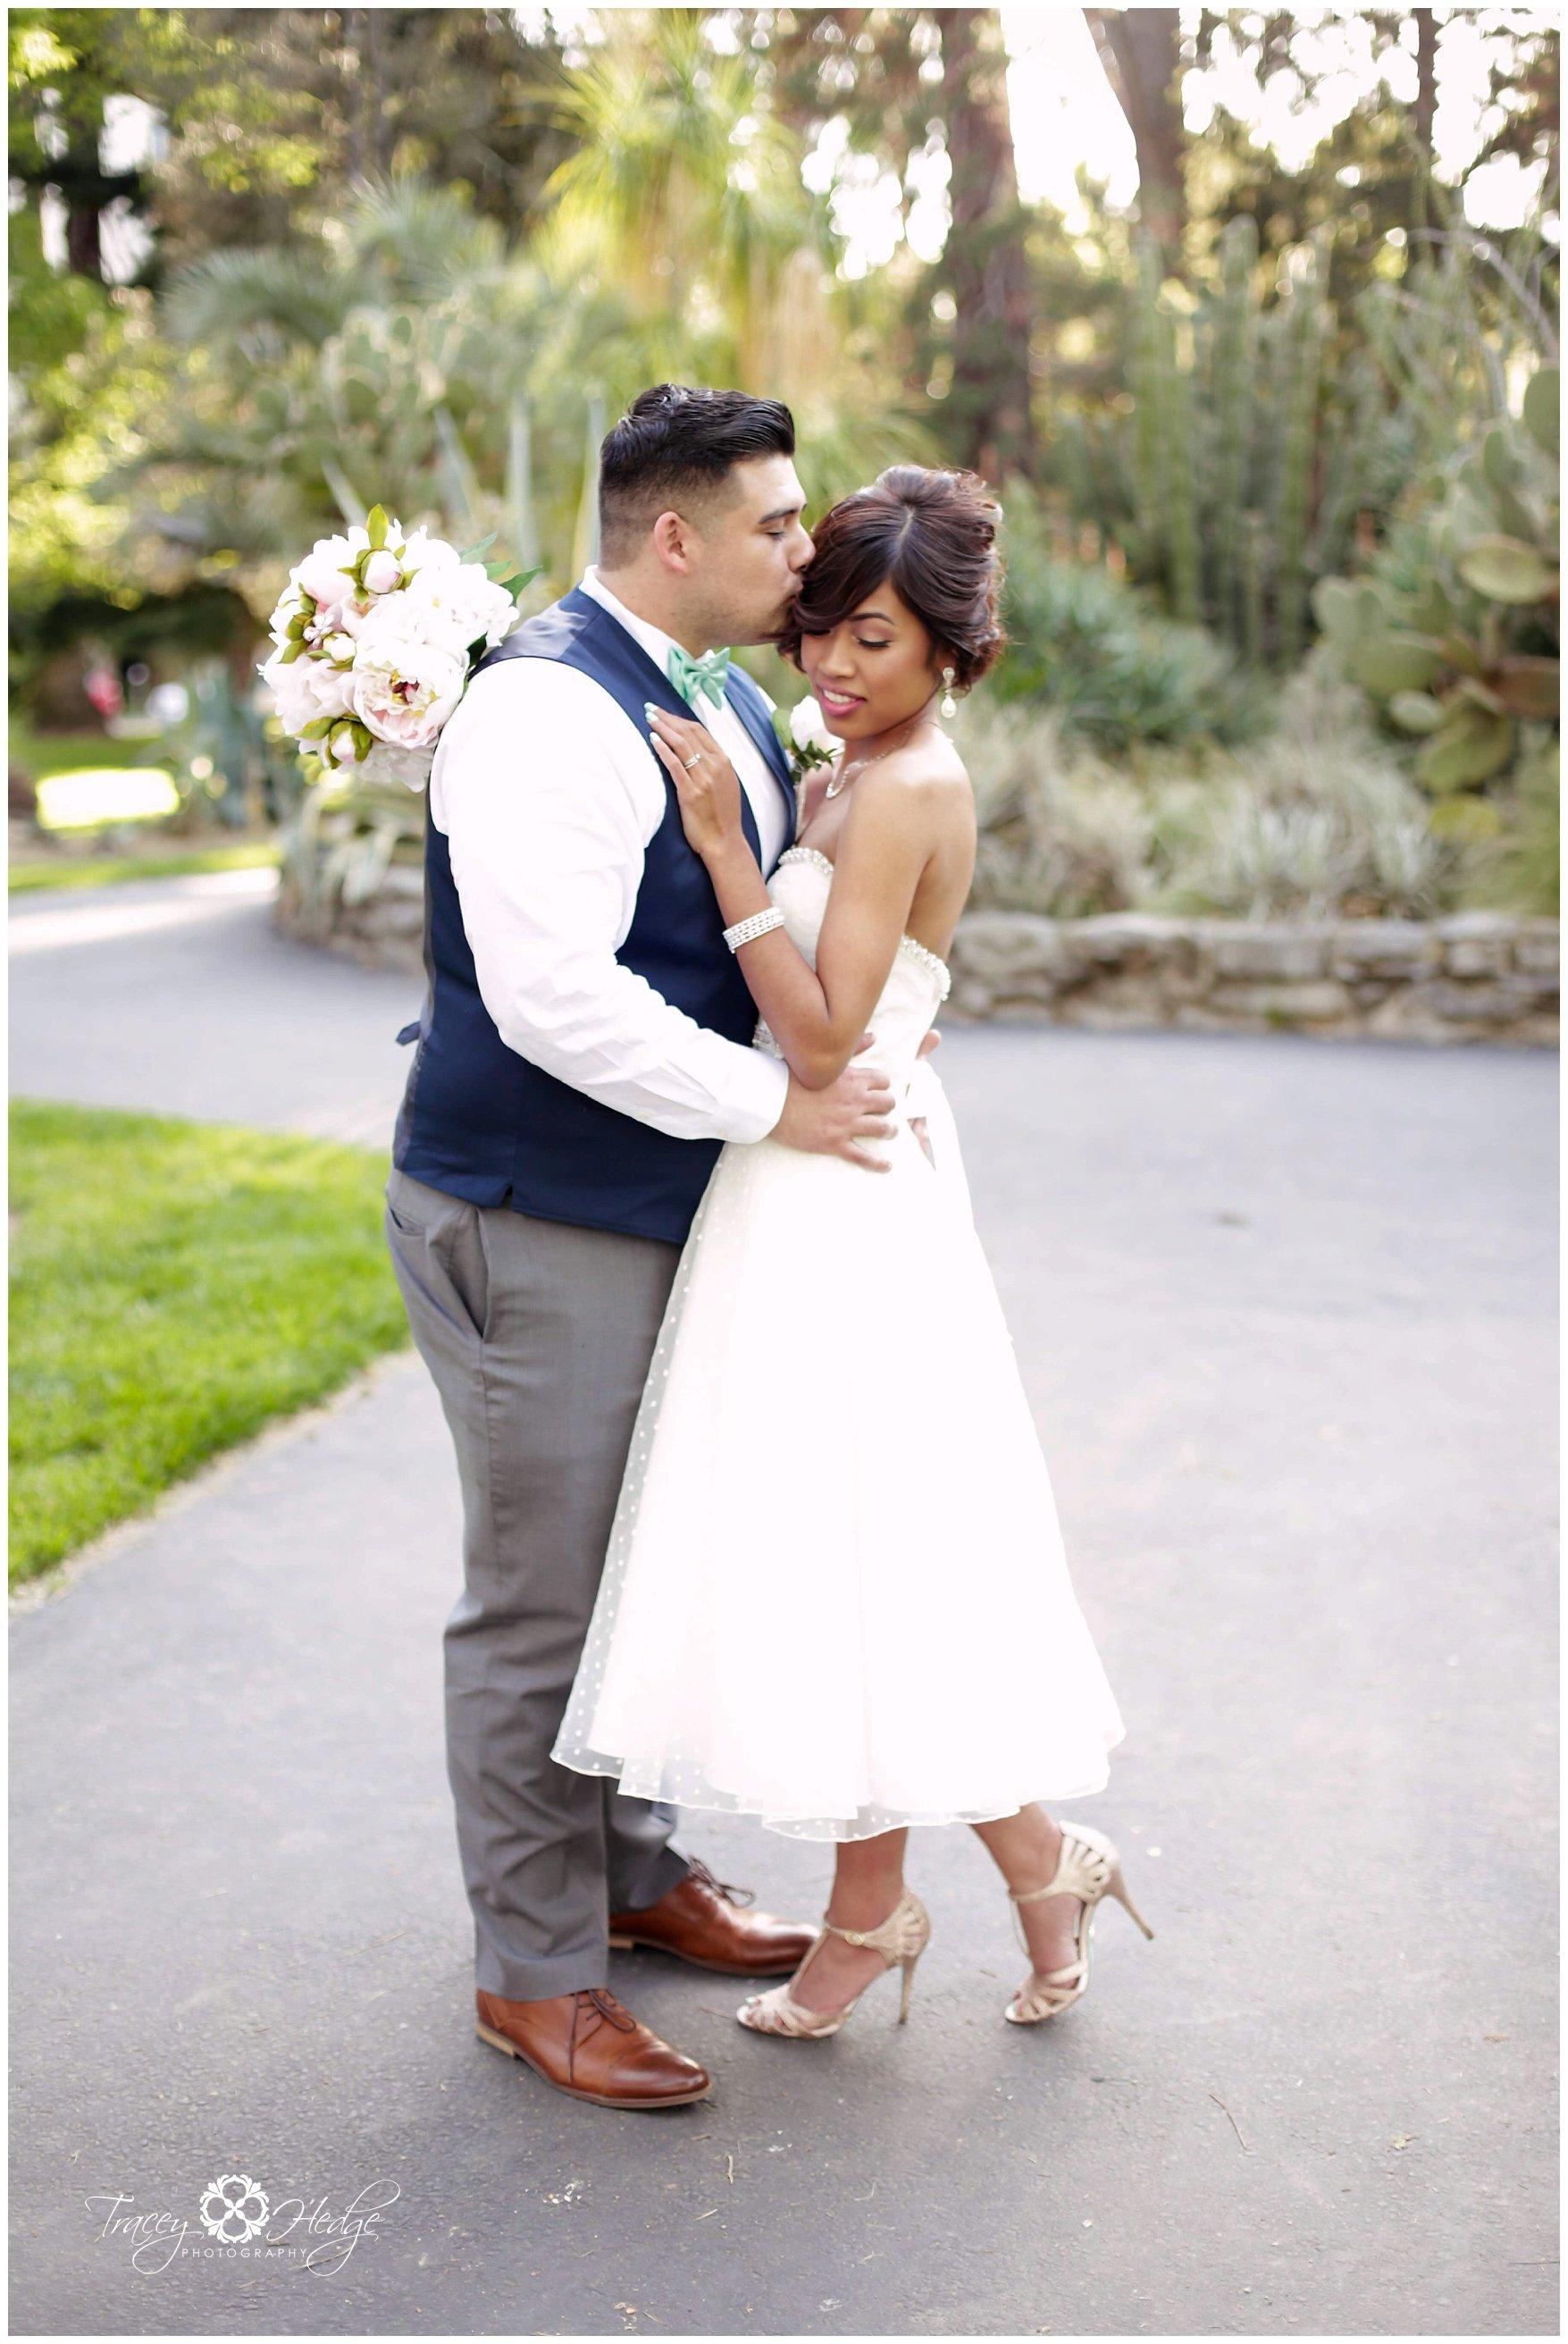 Wedding Photography In Sacramento Ca: Sacramento Court House Wedding Sneak Peek